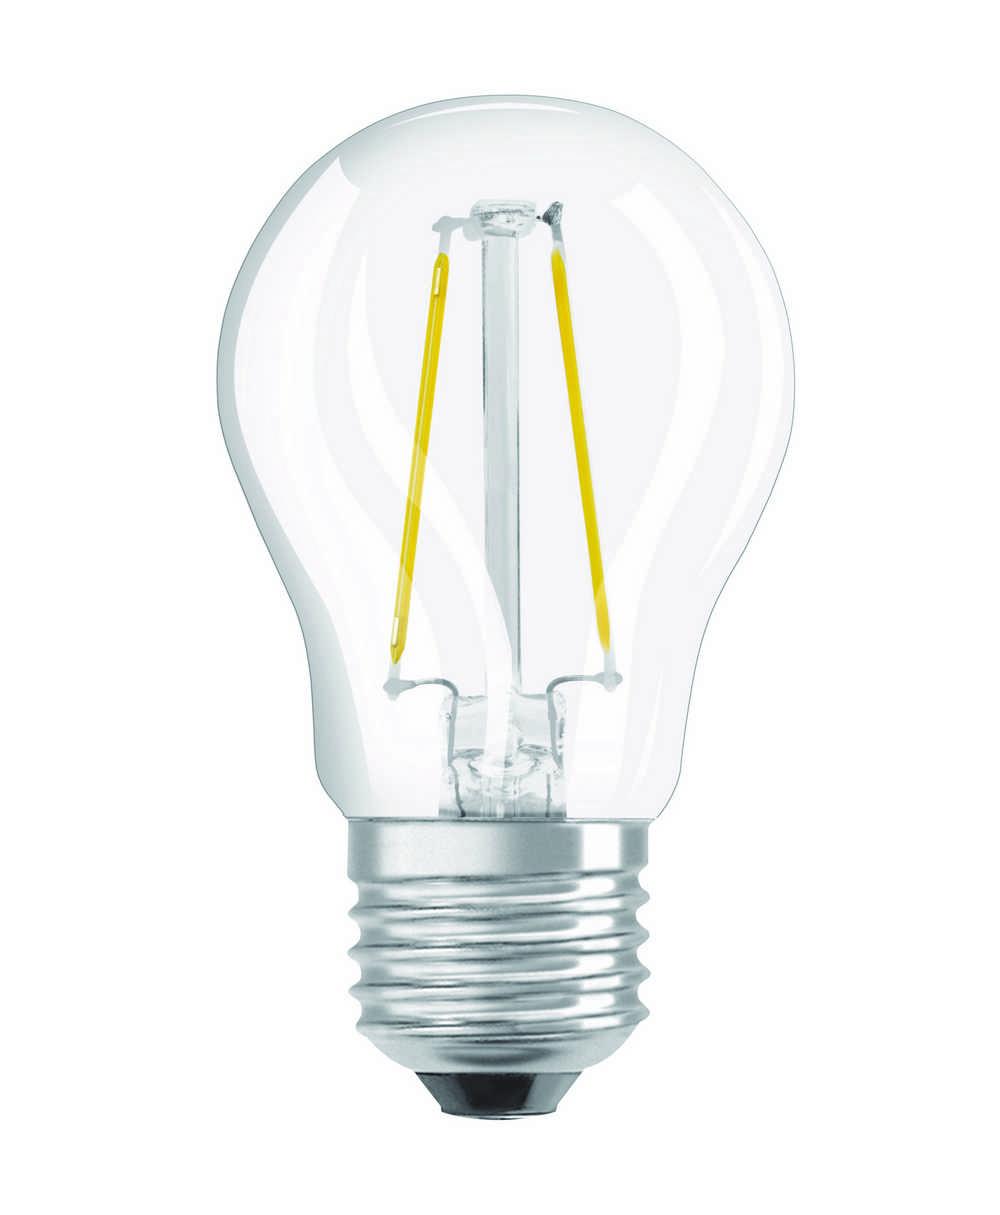 LED RETROF CLP25 E27 2W WW HELD FIL